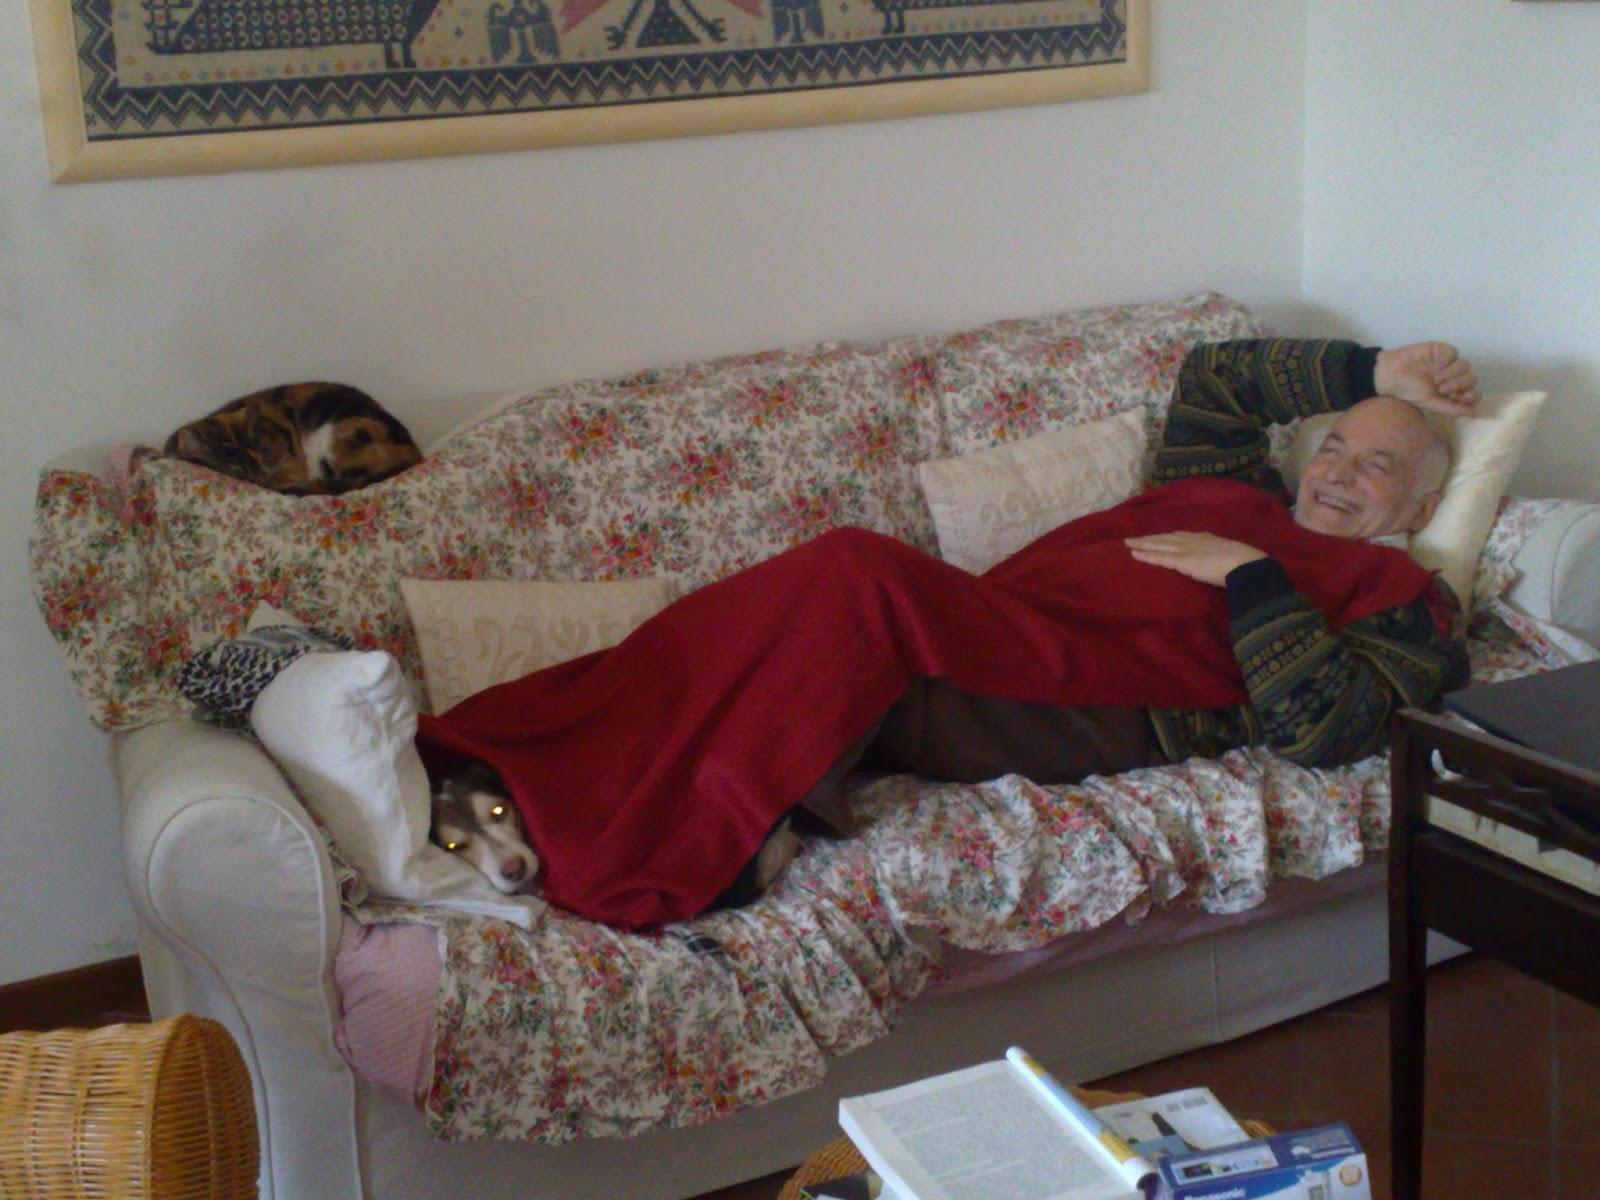 Riciclaggio della memoria 2013 01 13 - Scopare sul divano ...